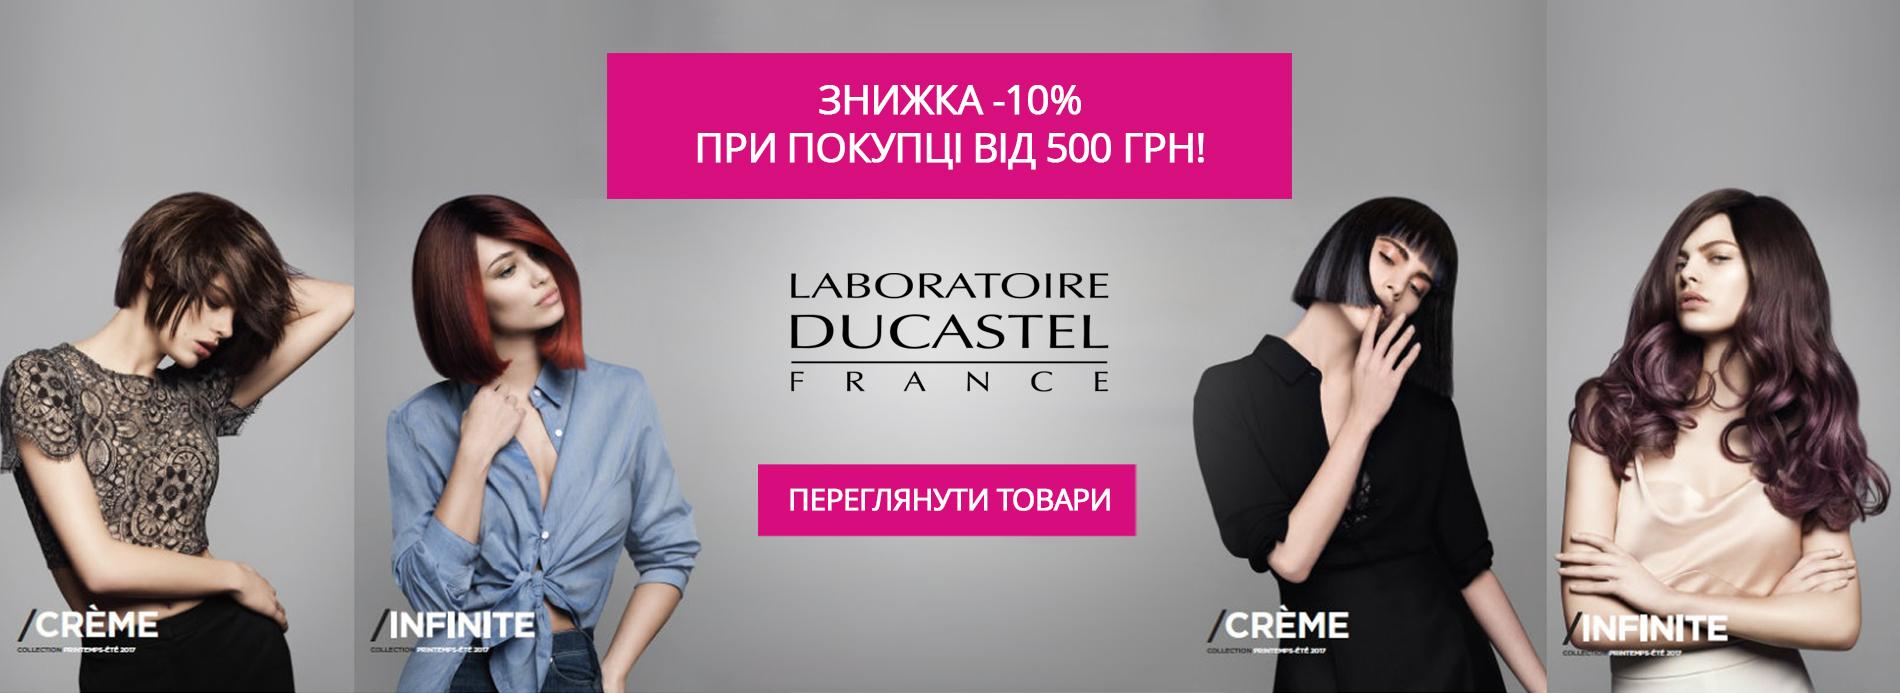 Ducastel